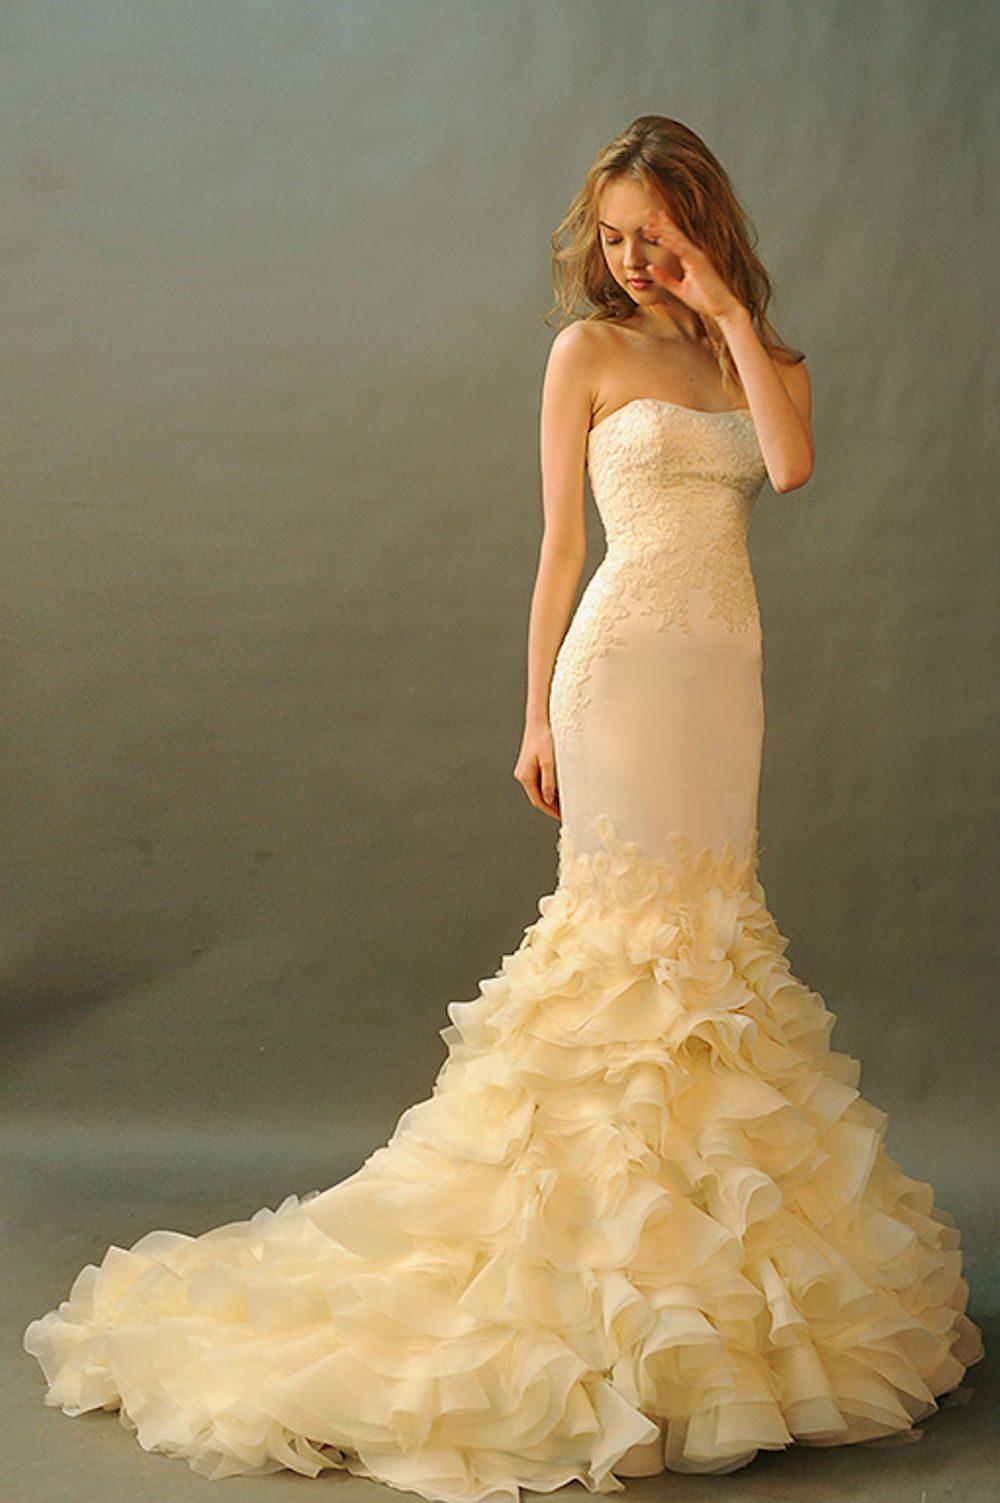 Kim Alpha Bridal - Wedding Dress Melbourne - Grecia Champagne Wedding Dress